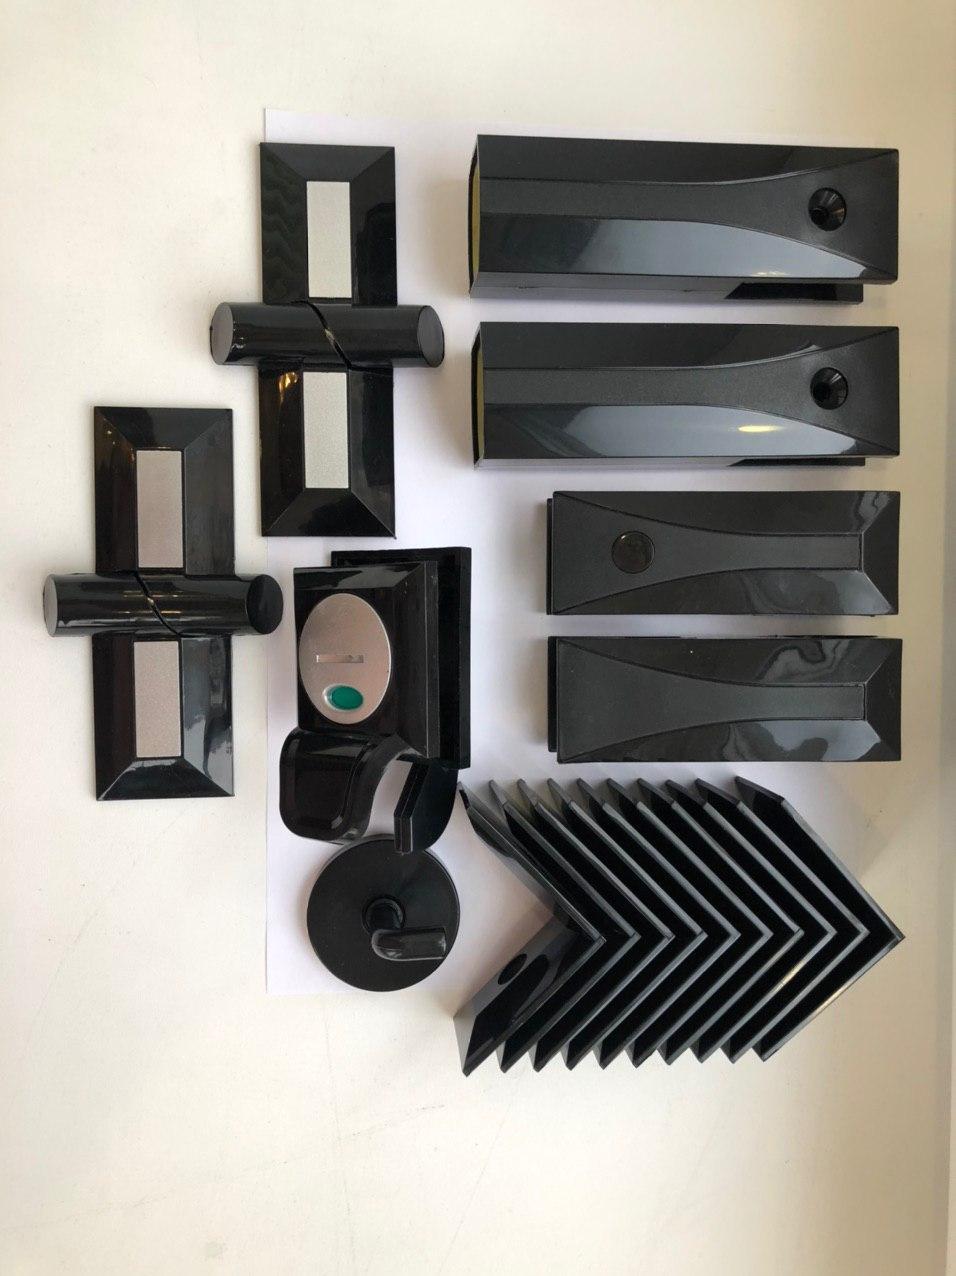 Комплект фурнитуры для сантехнических перегородок Modern из пластика